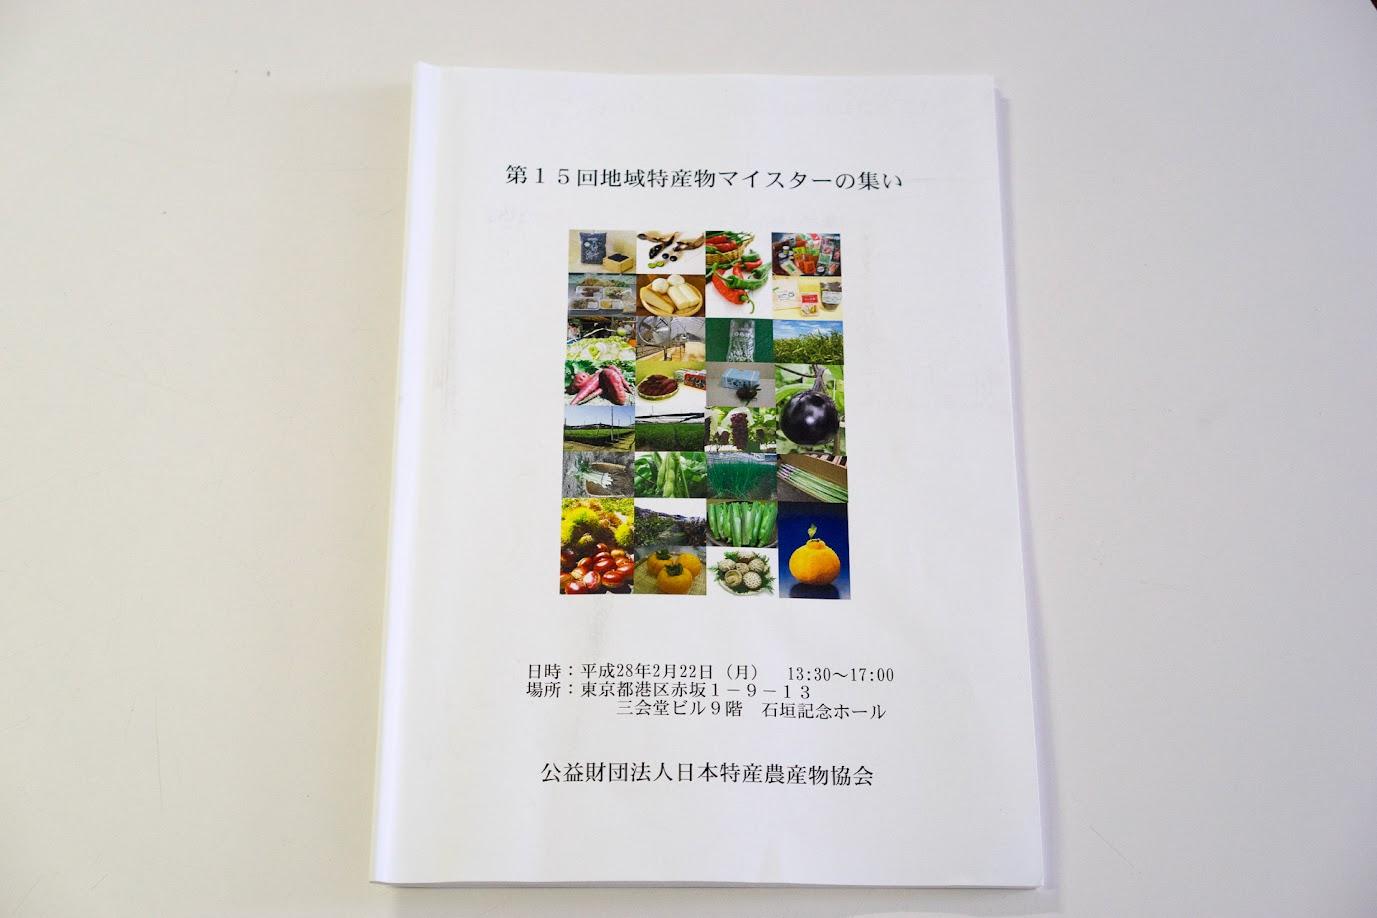 『第15回地域特産物マイスターの集い』パンフレット